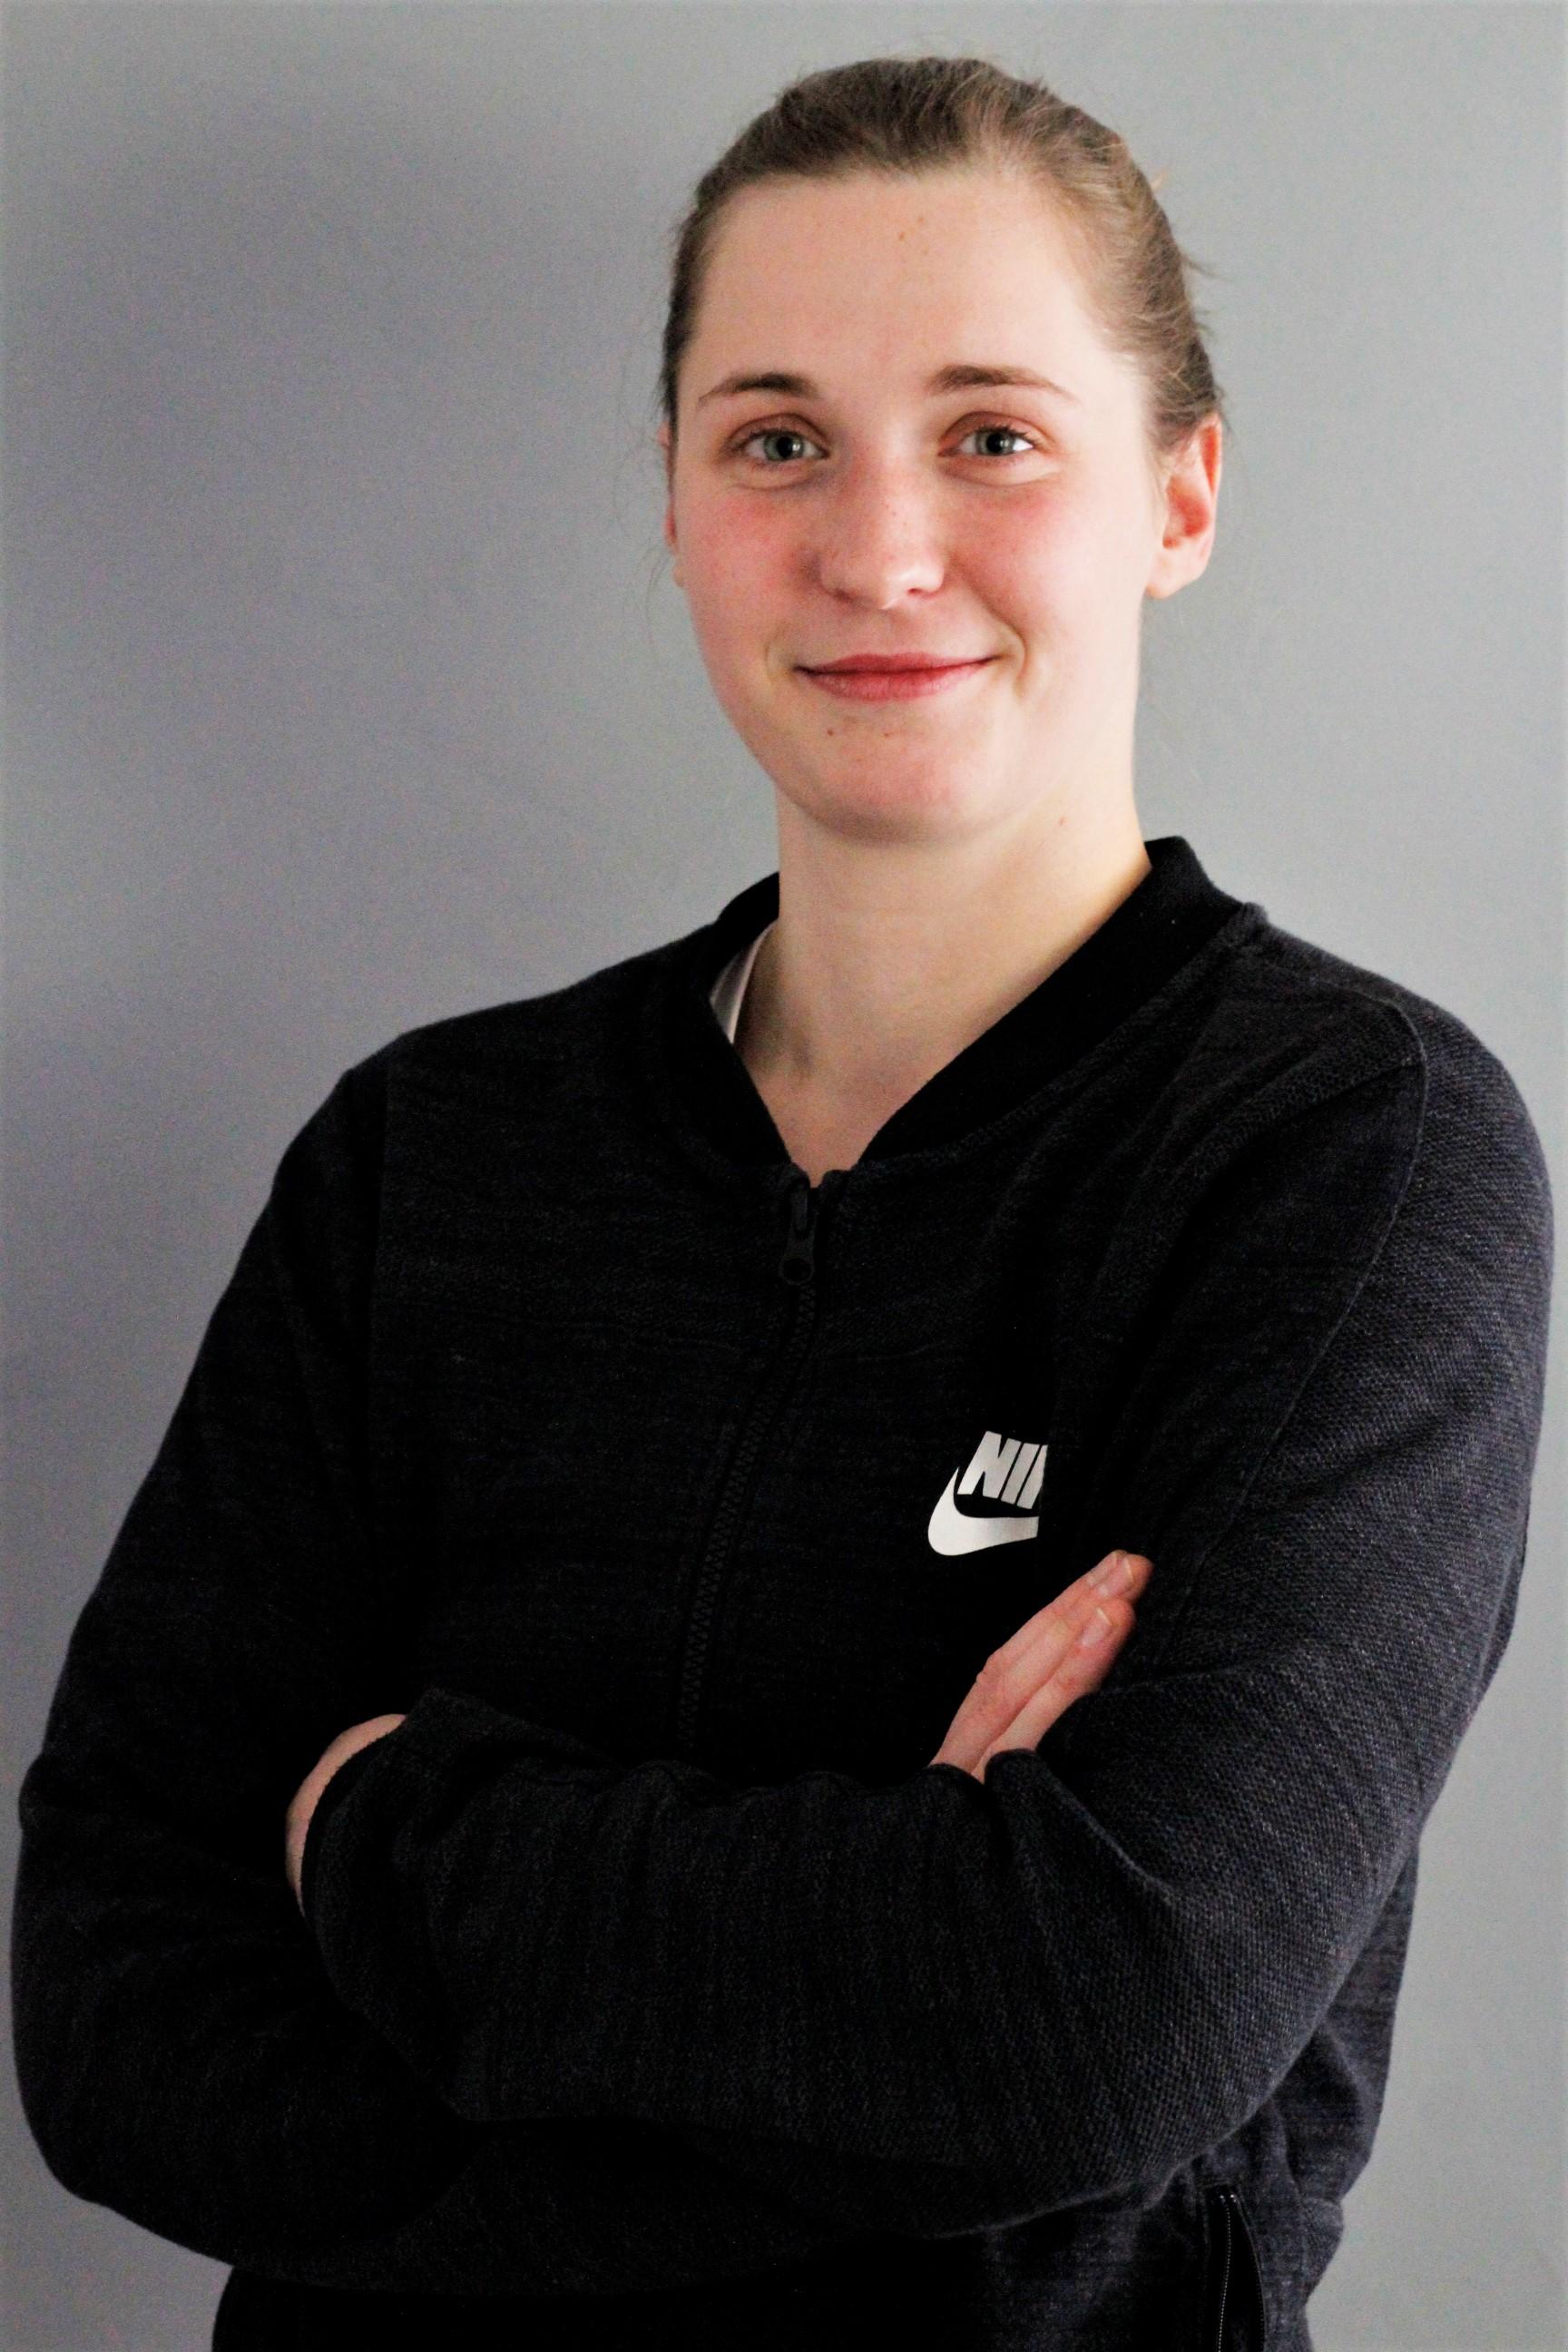 Maria Fritsche